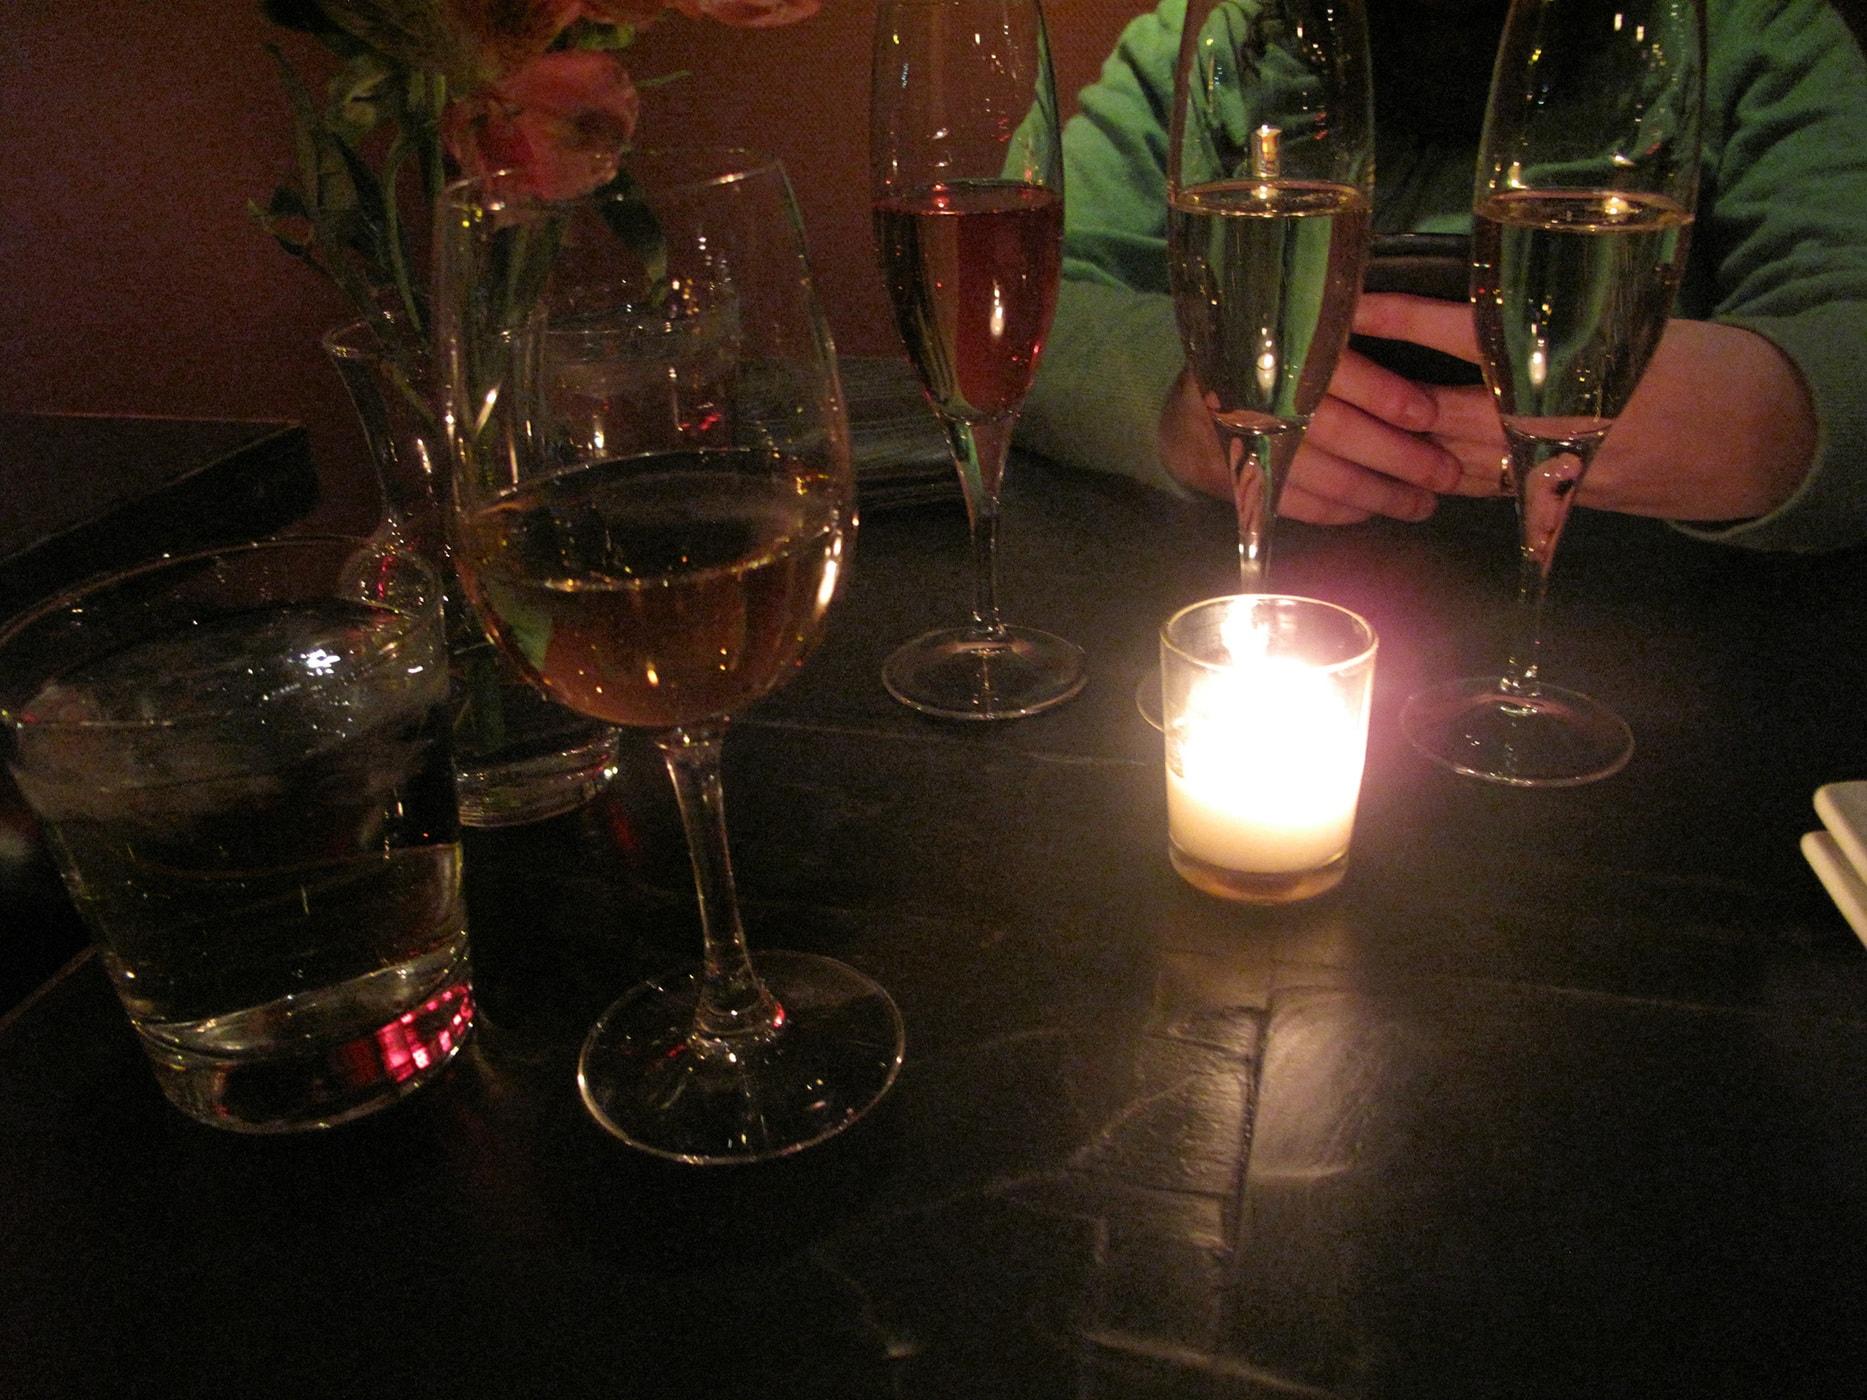 Volo Wine Bar in Chicago. Illinois